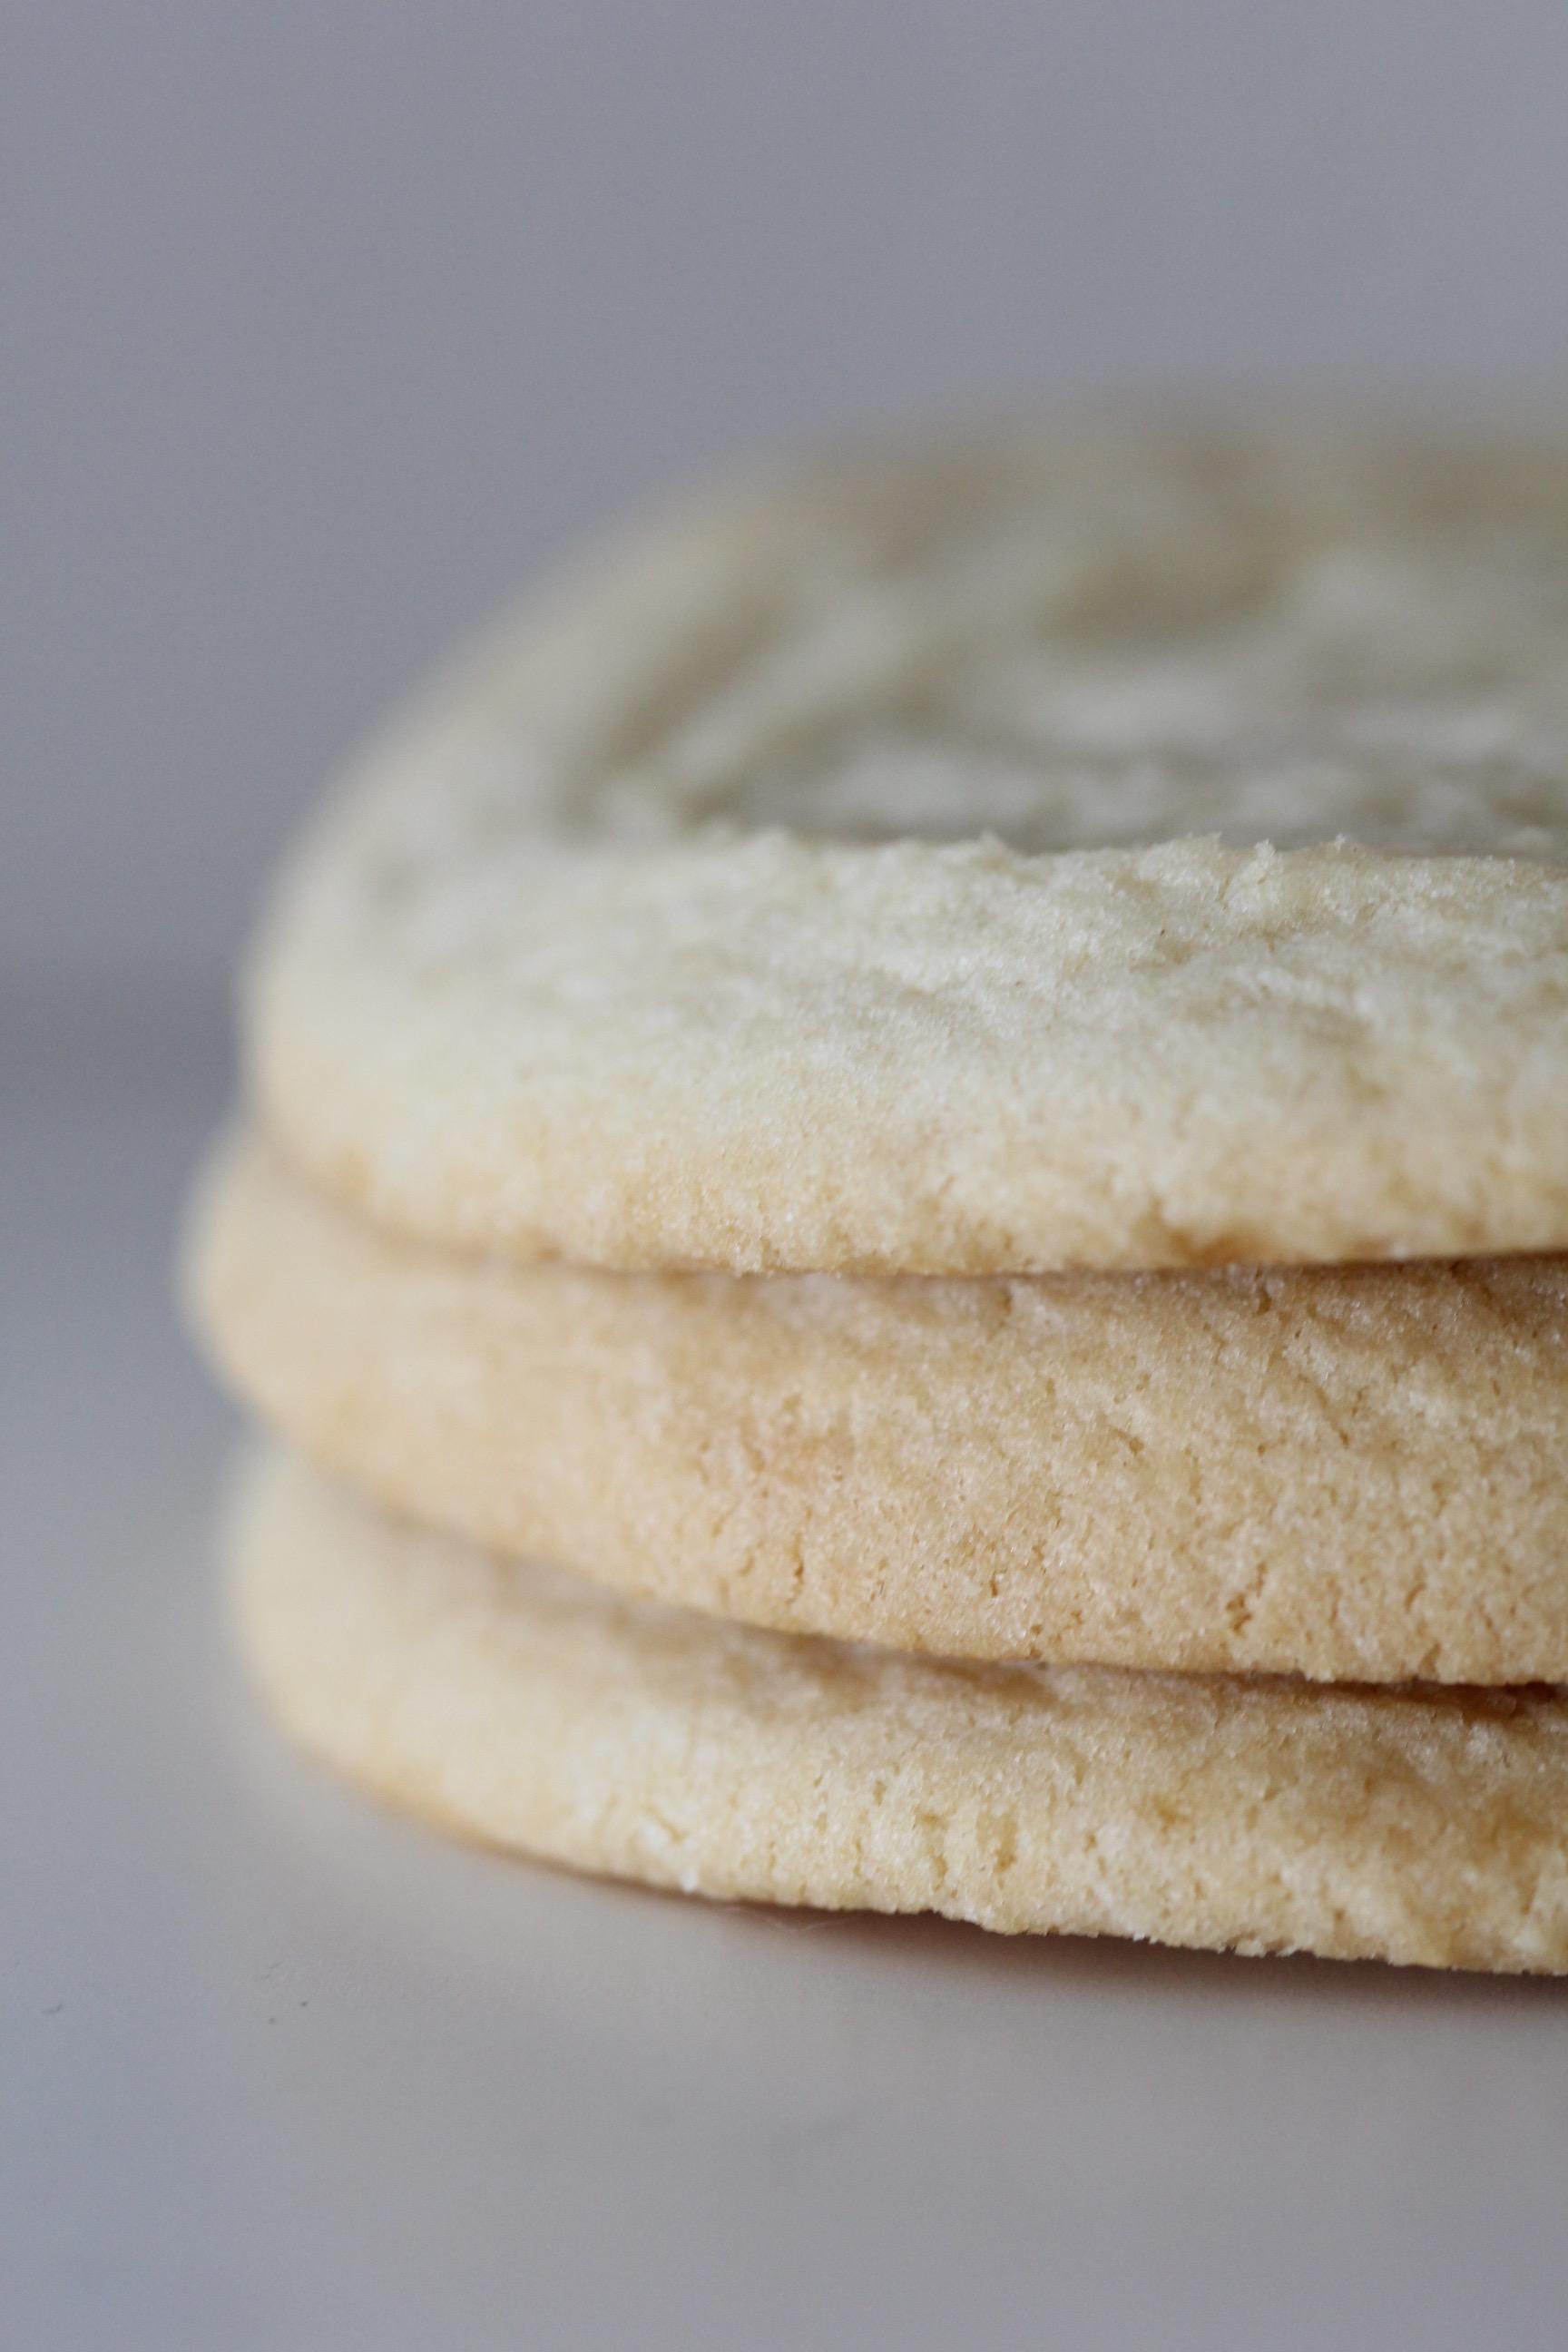 Sugar cookie • Everyday • $1.75